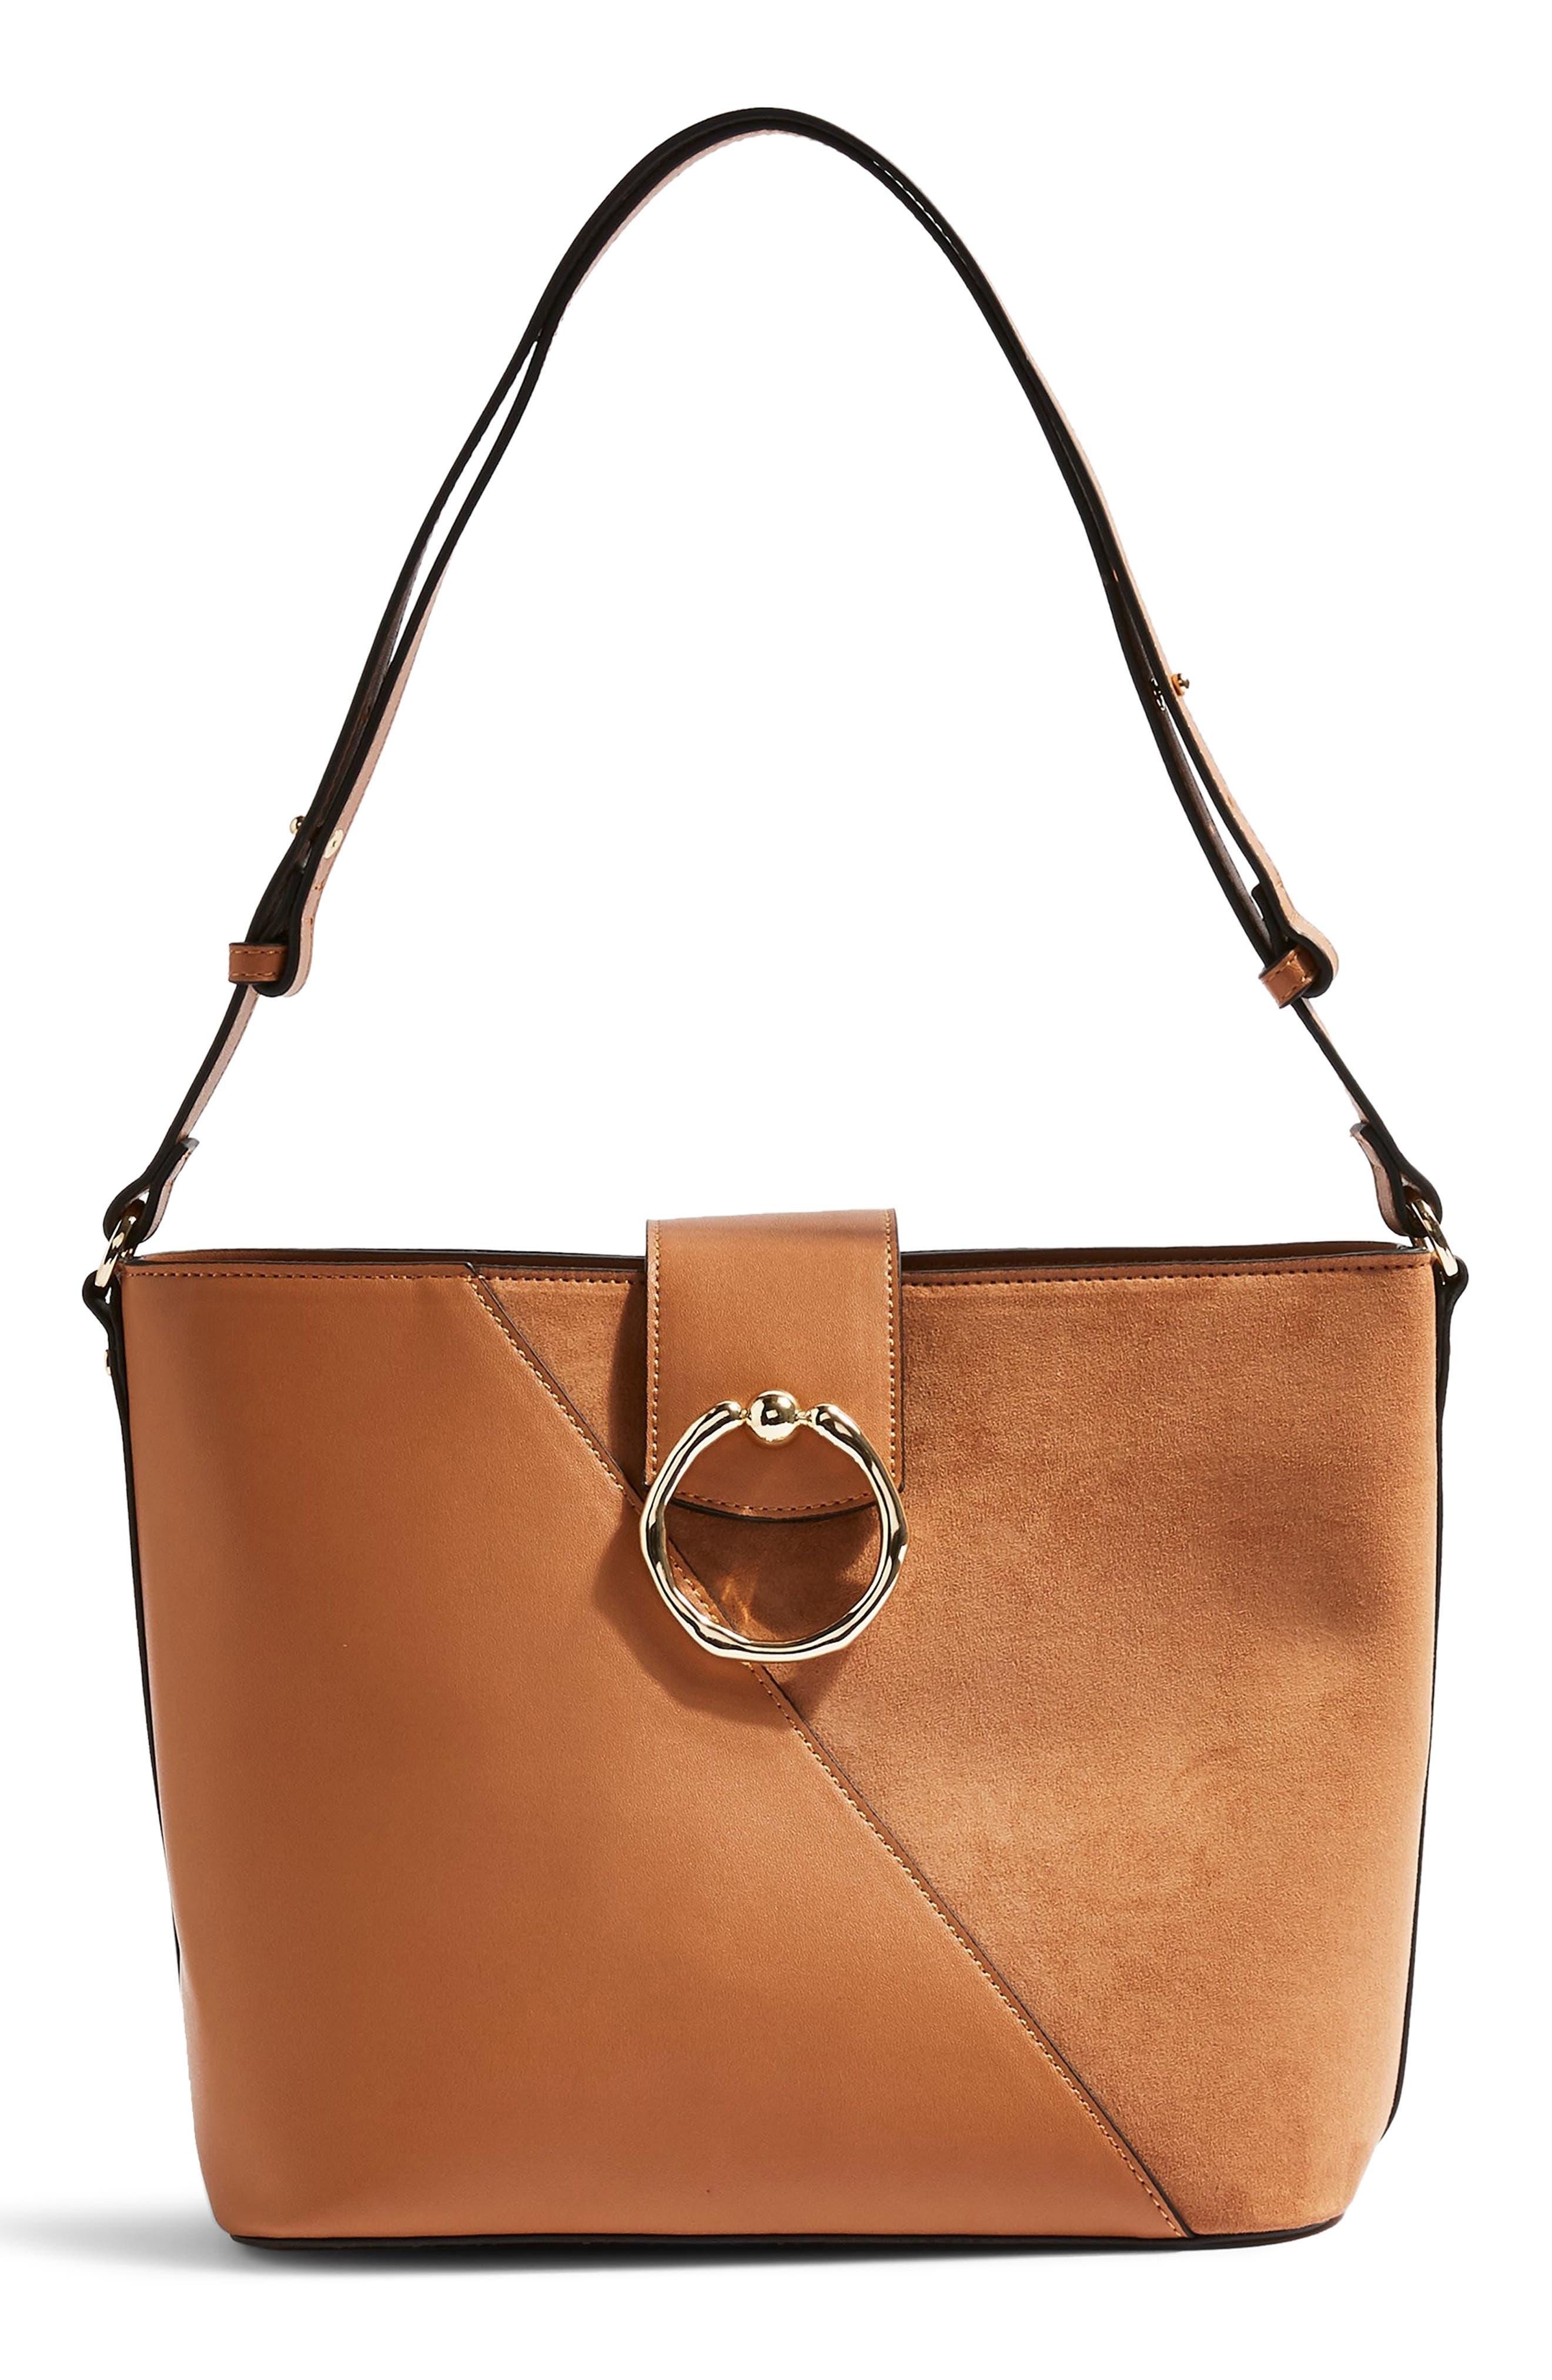 3d1fde00ea Topshop Spark Piece Faux Leather Hobo Bag - Brown